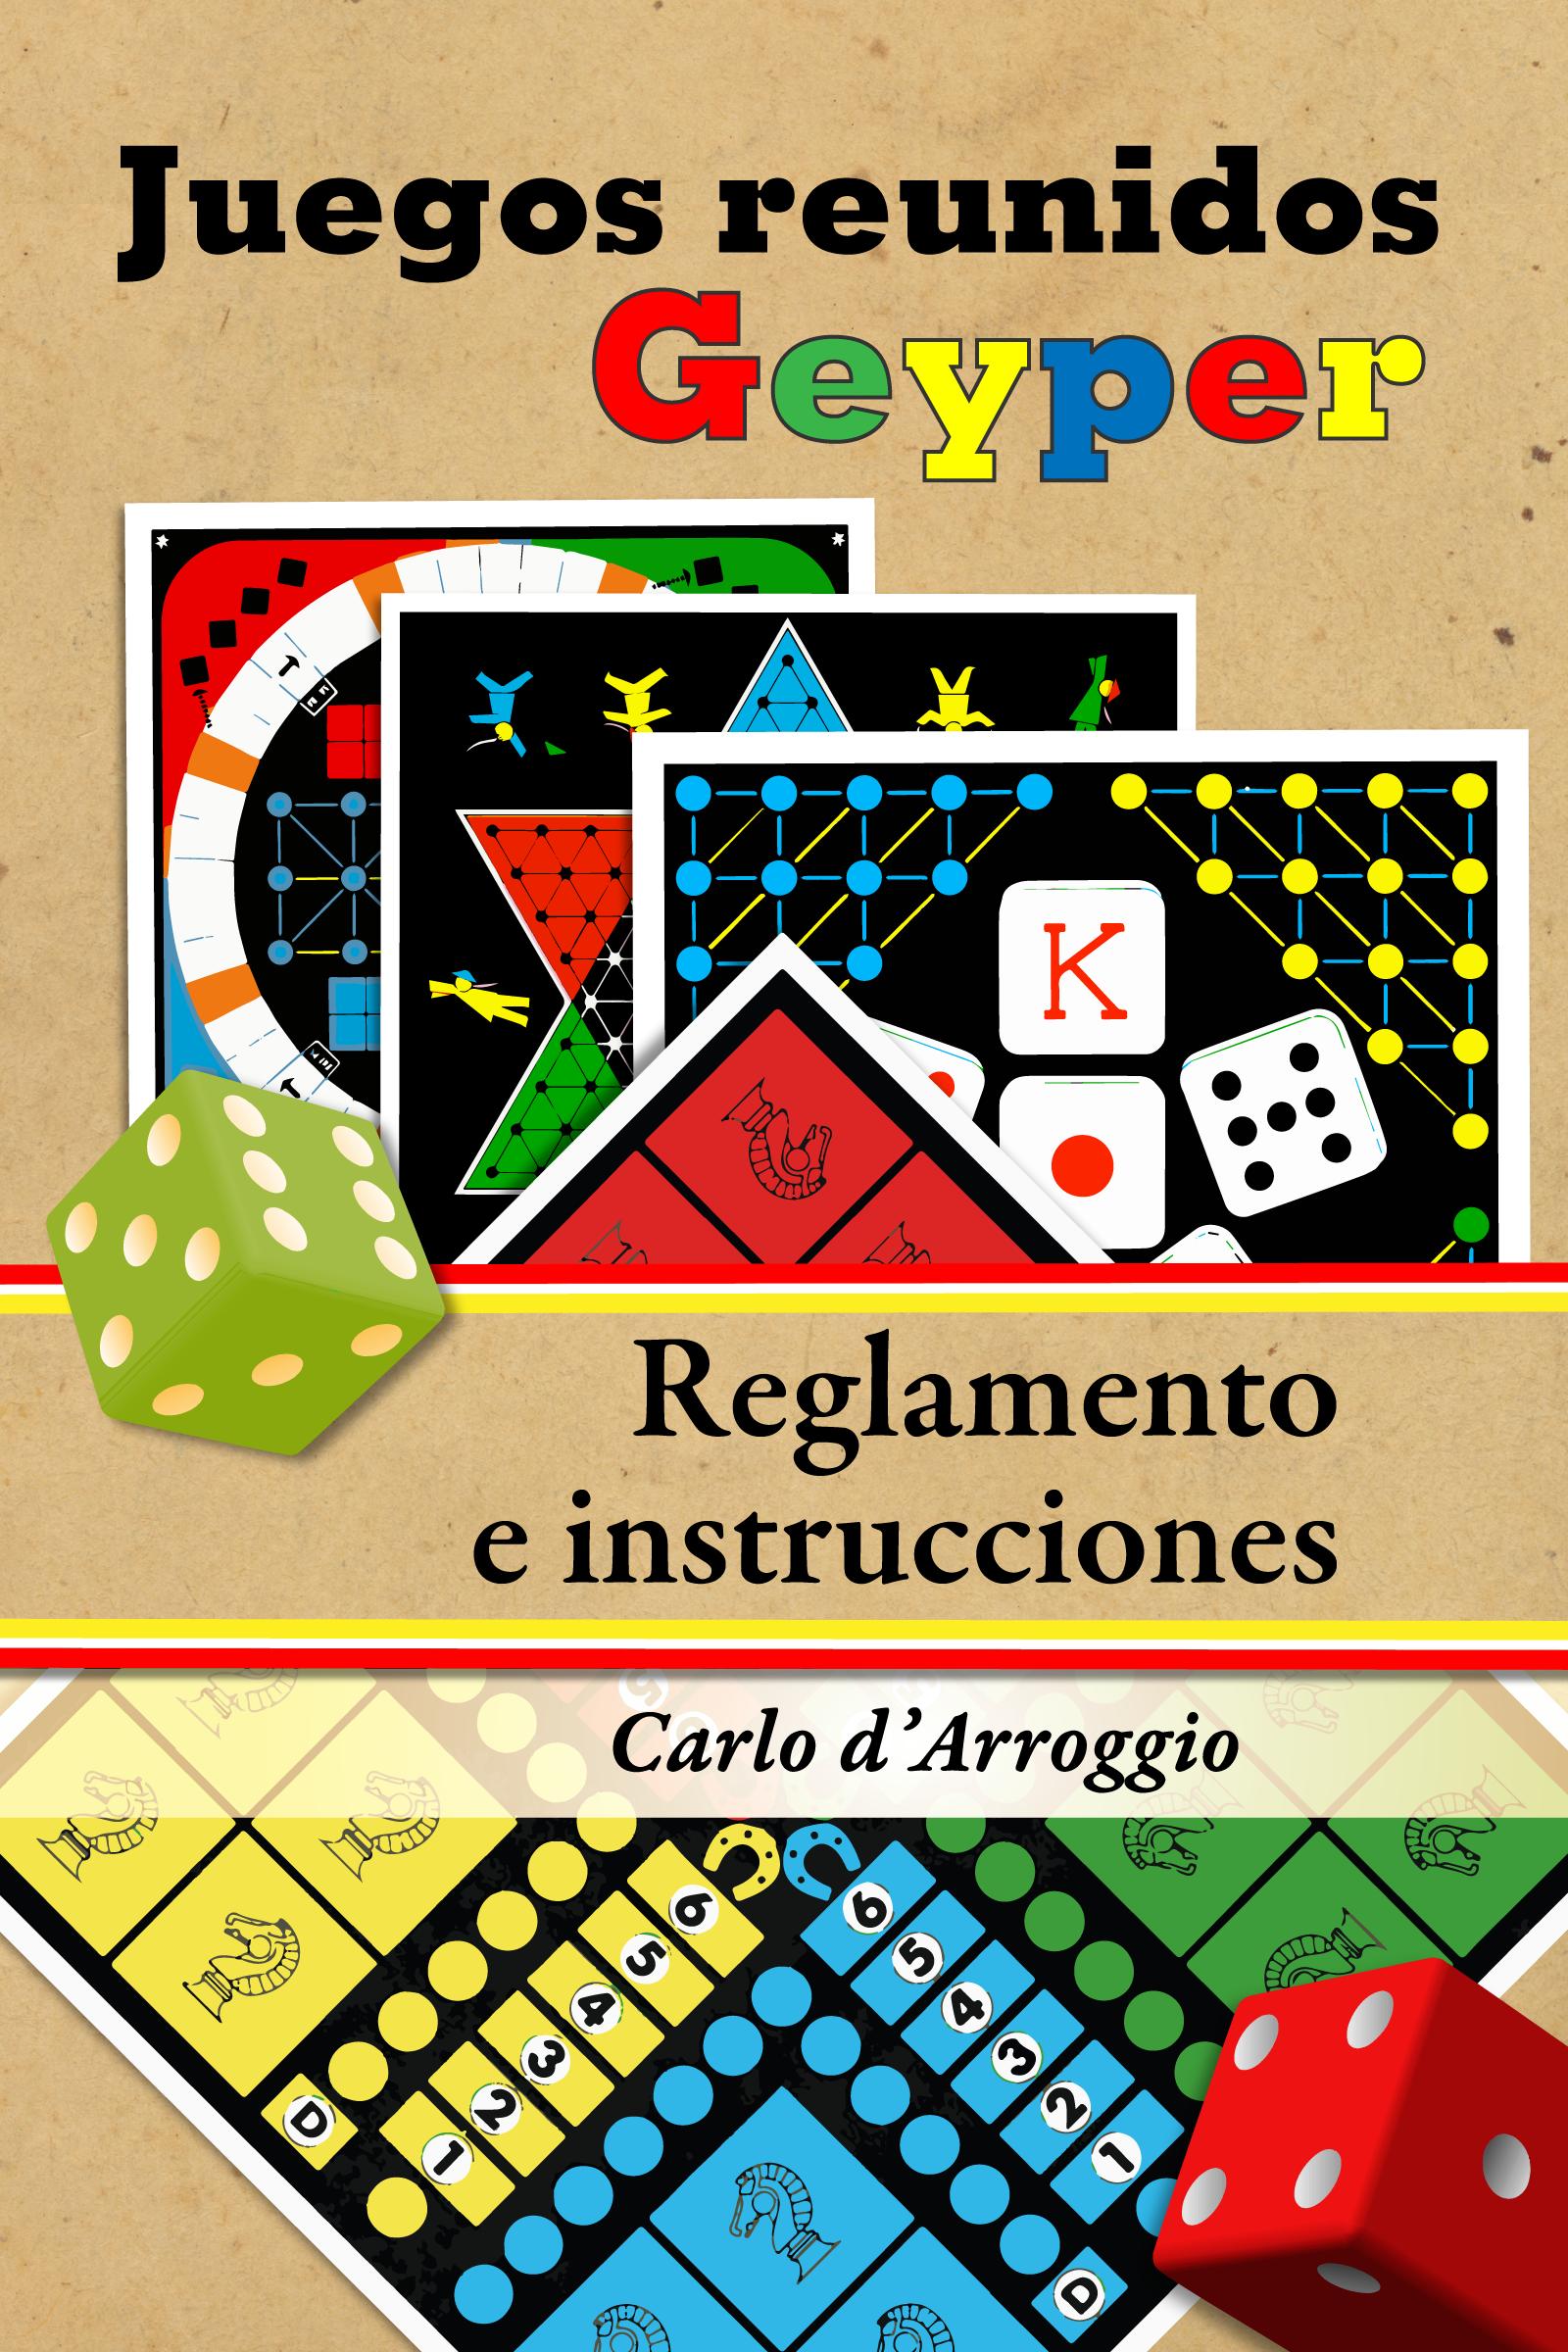 Smashwords Los Juegos Reunidos Geyper Reglamento E Instrucciones